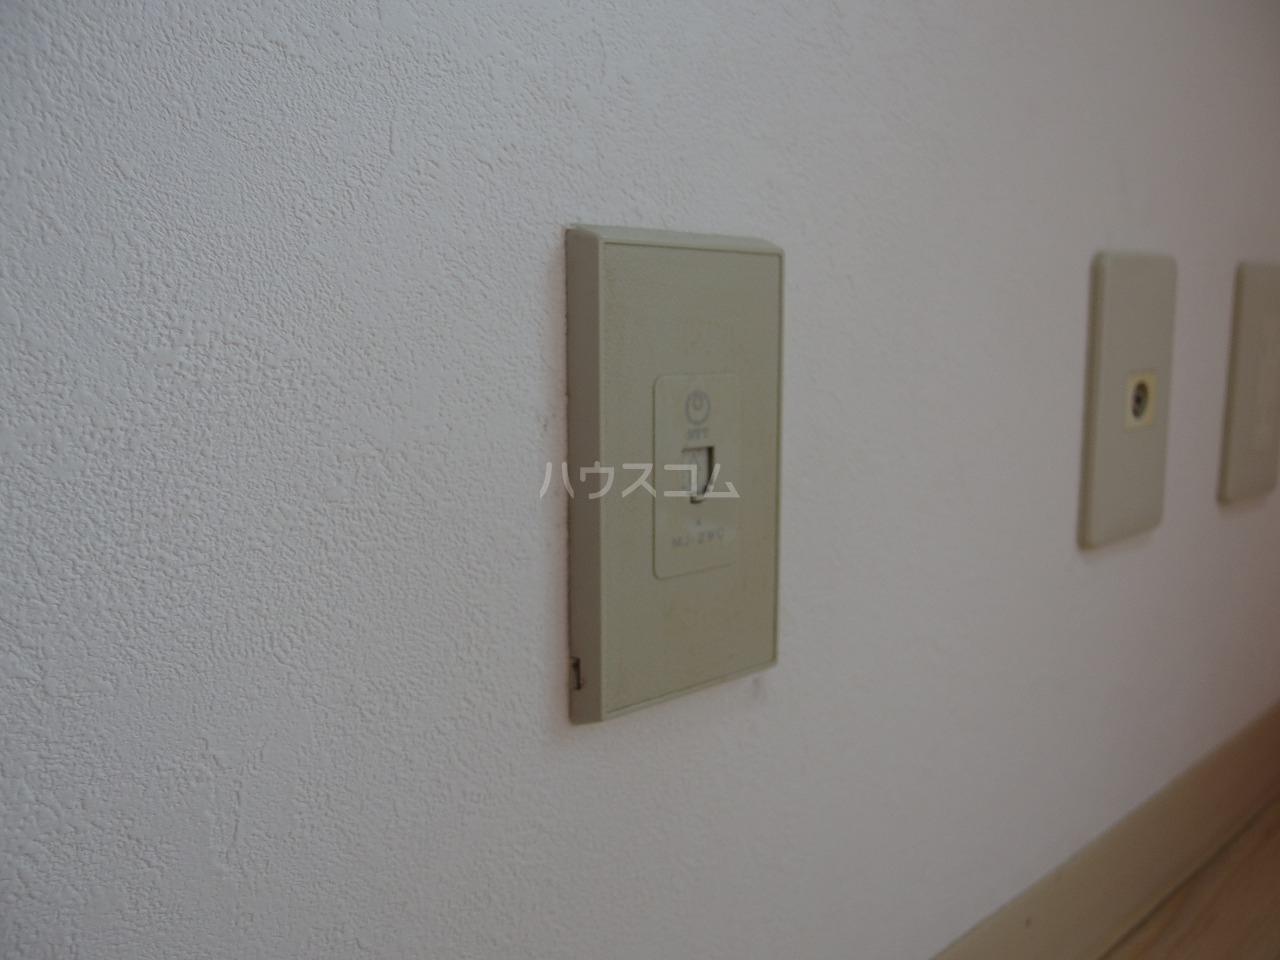 ビアメゾン高幡不動 104号室のその他